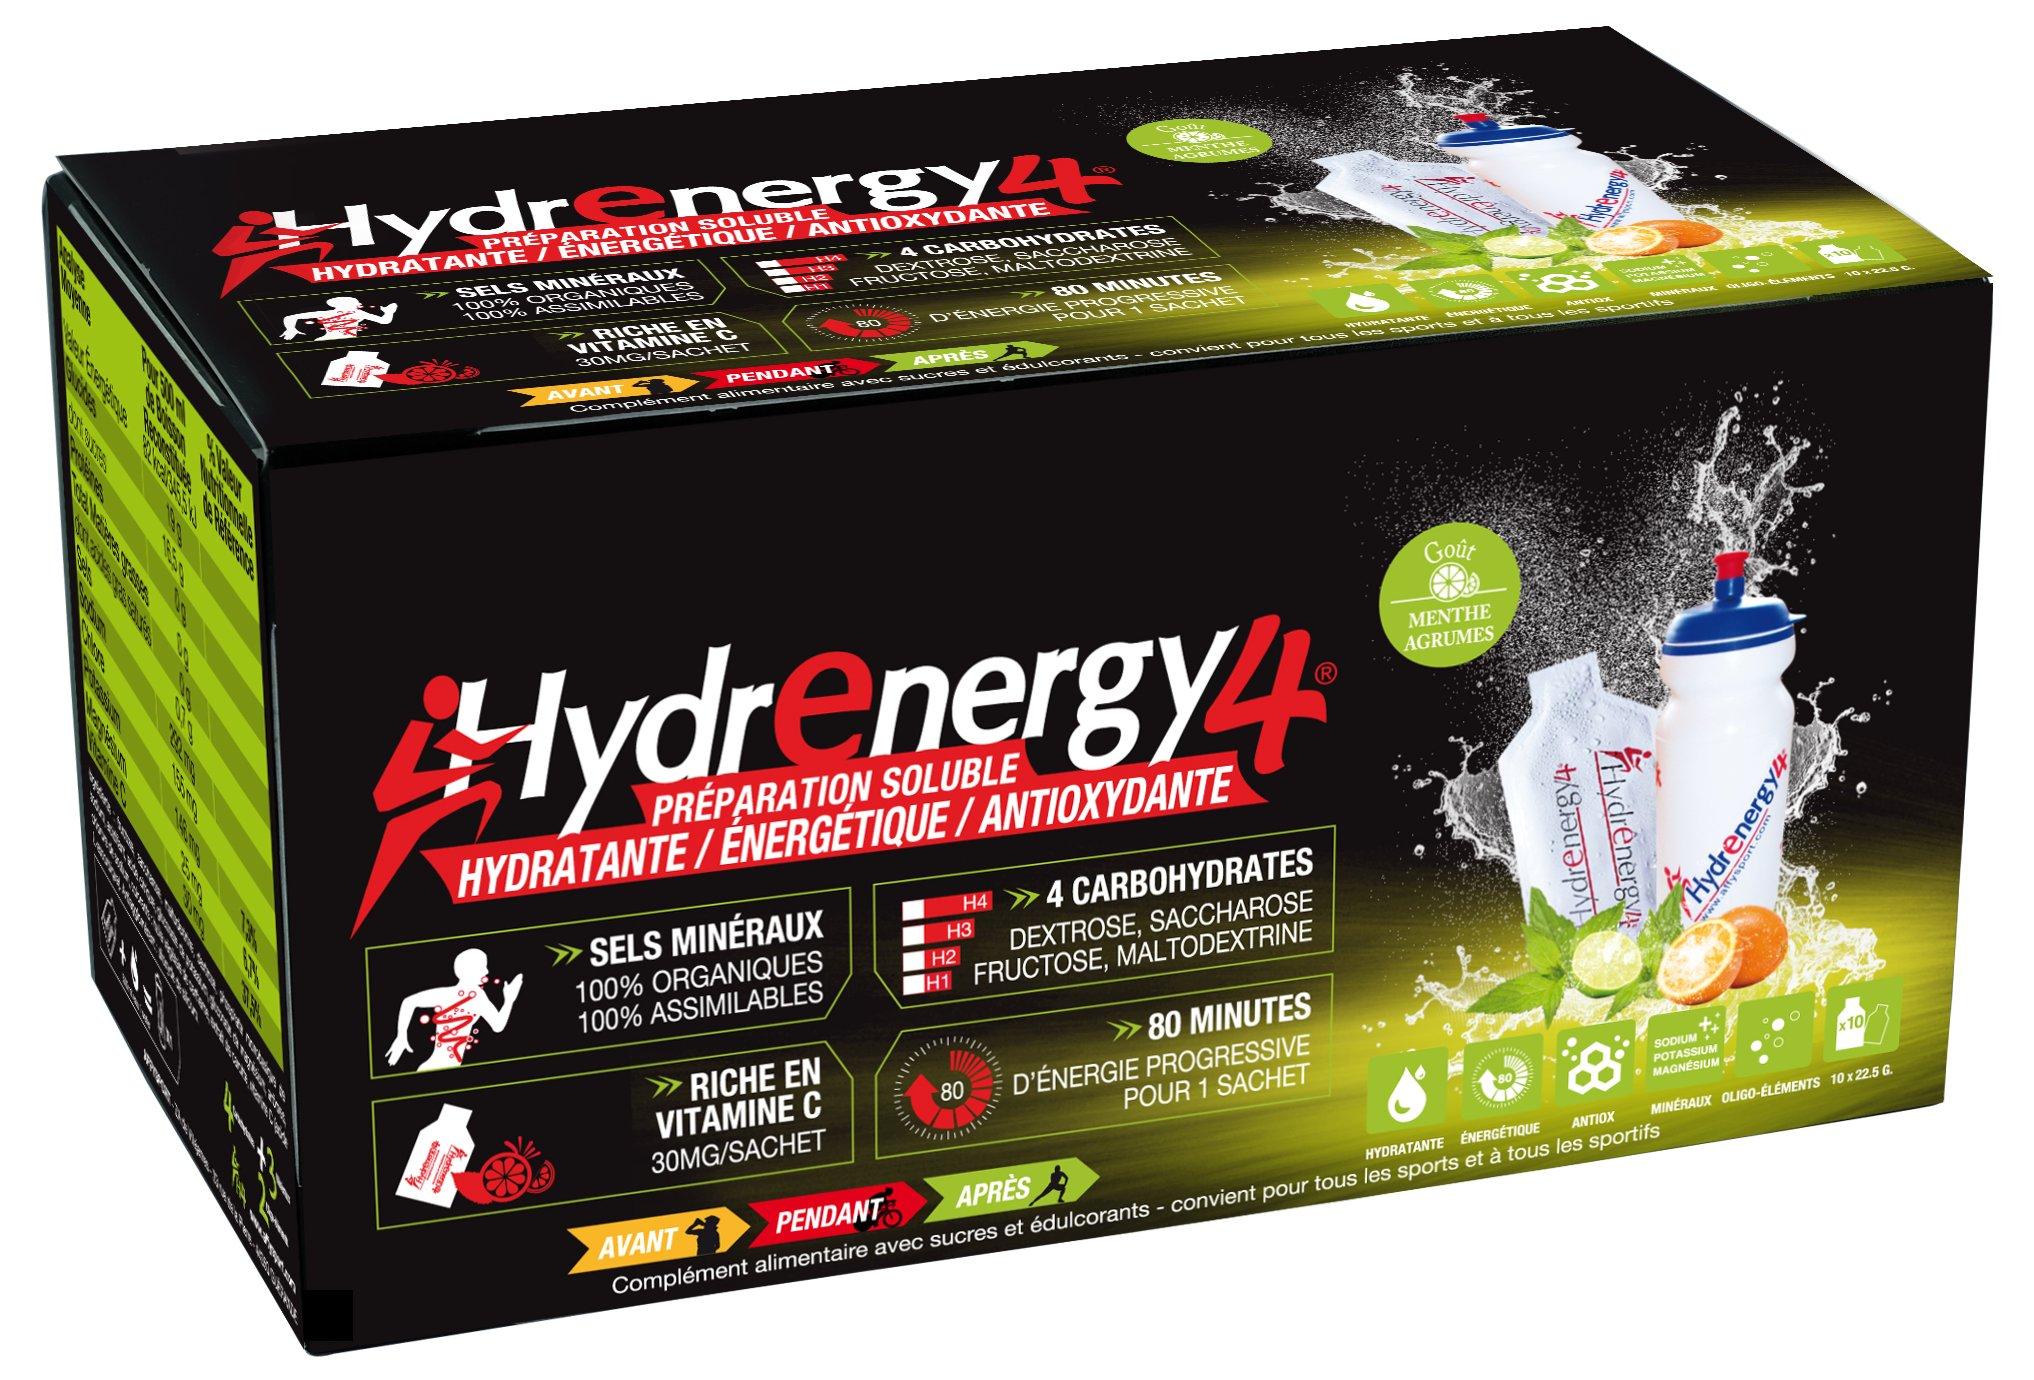 Hydrenergy H4 - Menthe agrumes Diététique Boissons